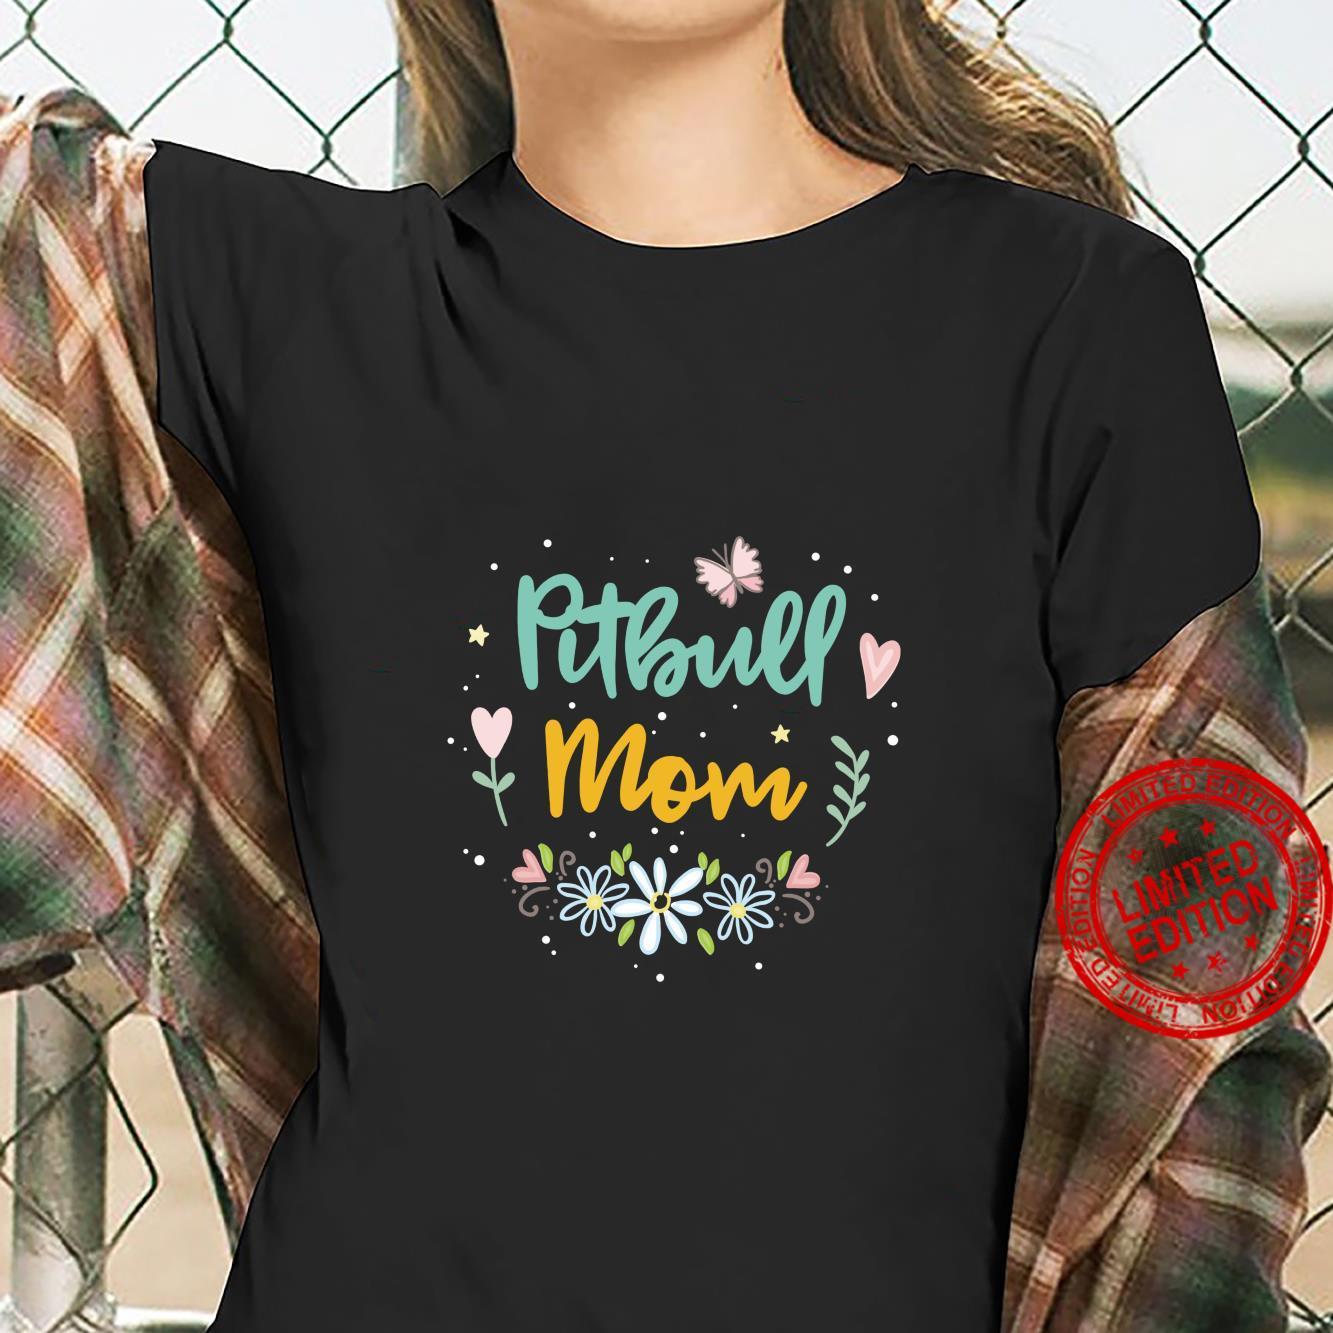 Pitbull Mom Shirt ladies tee